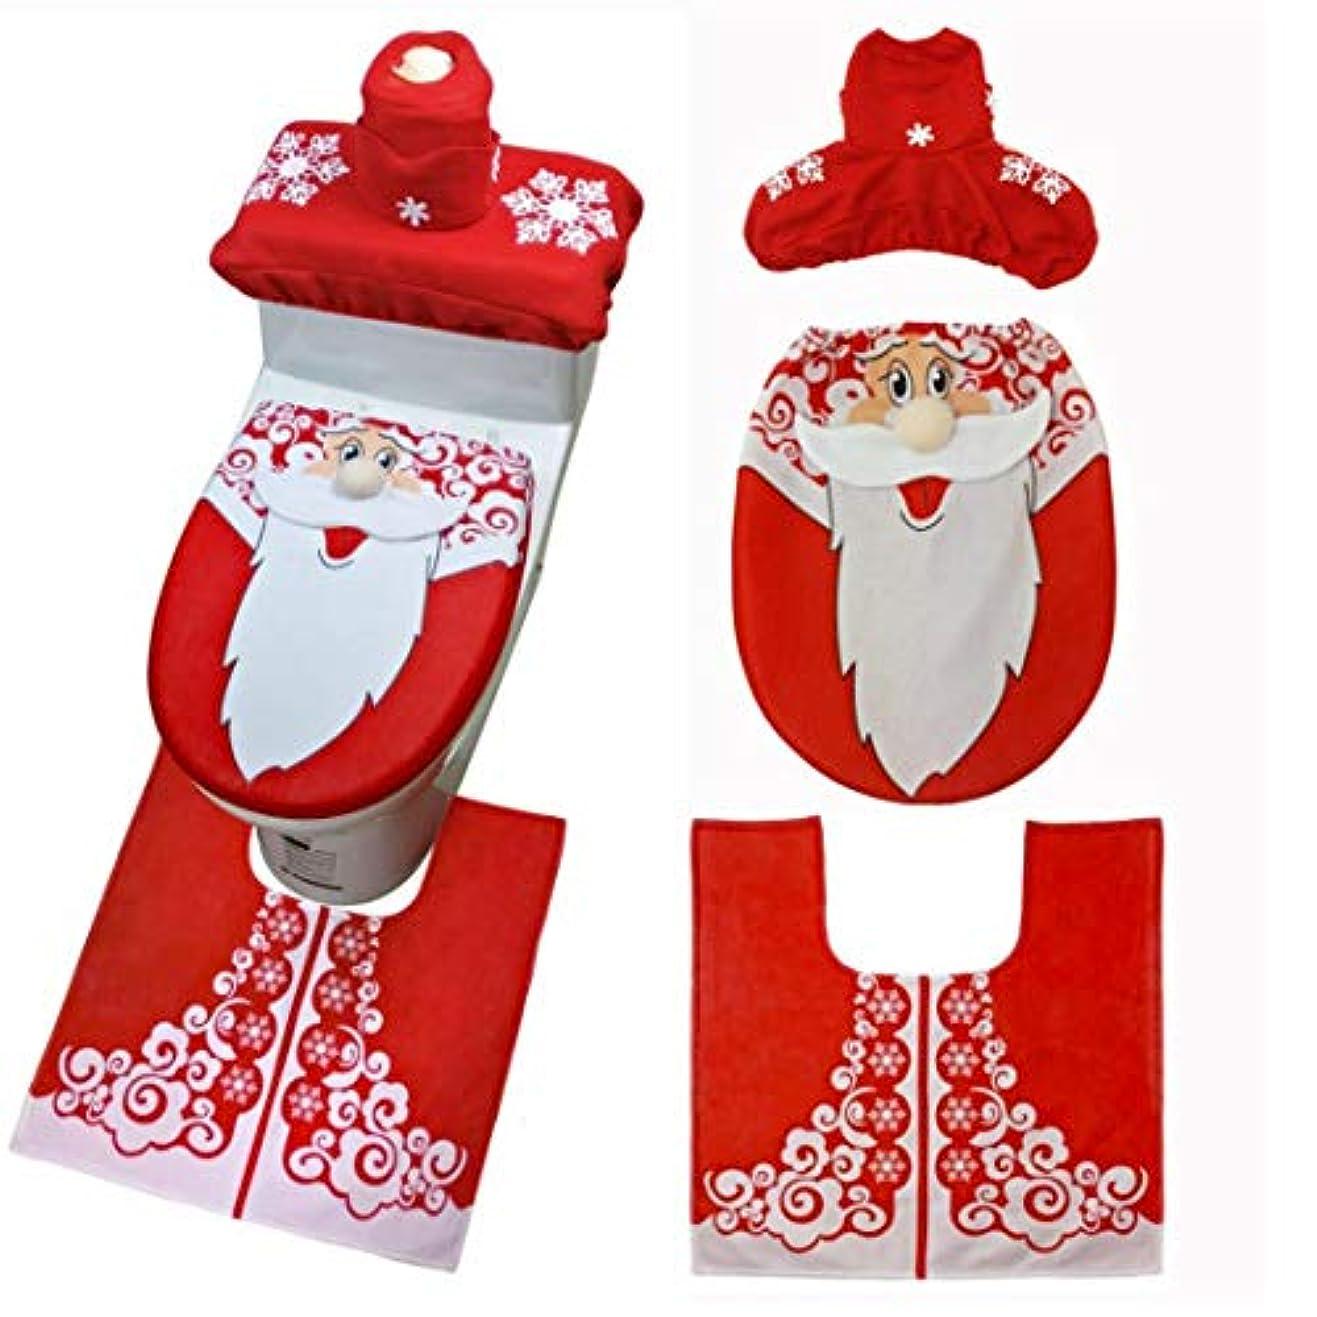 パスタ相対的ねばねばSwiftgood 3ピースクリスマストイレシート&カバーサンタクロースバスルームマットクリスマスかわいい装飾